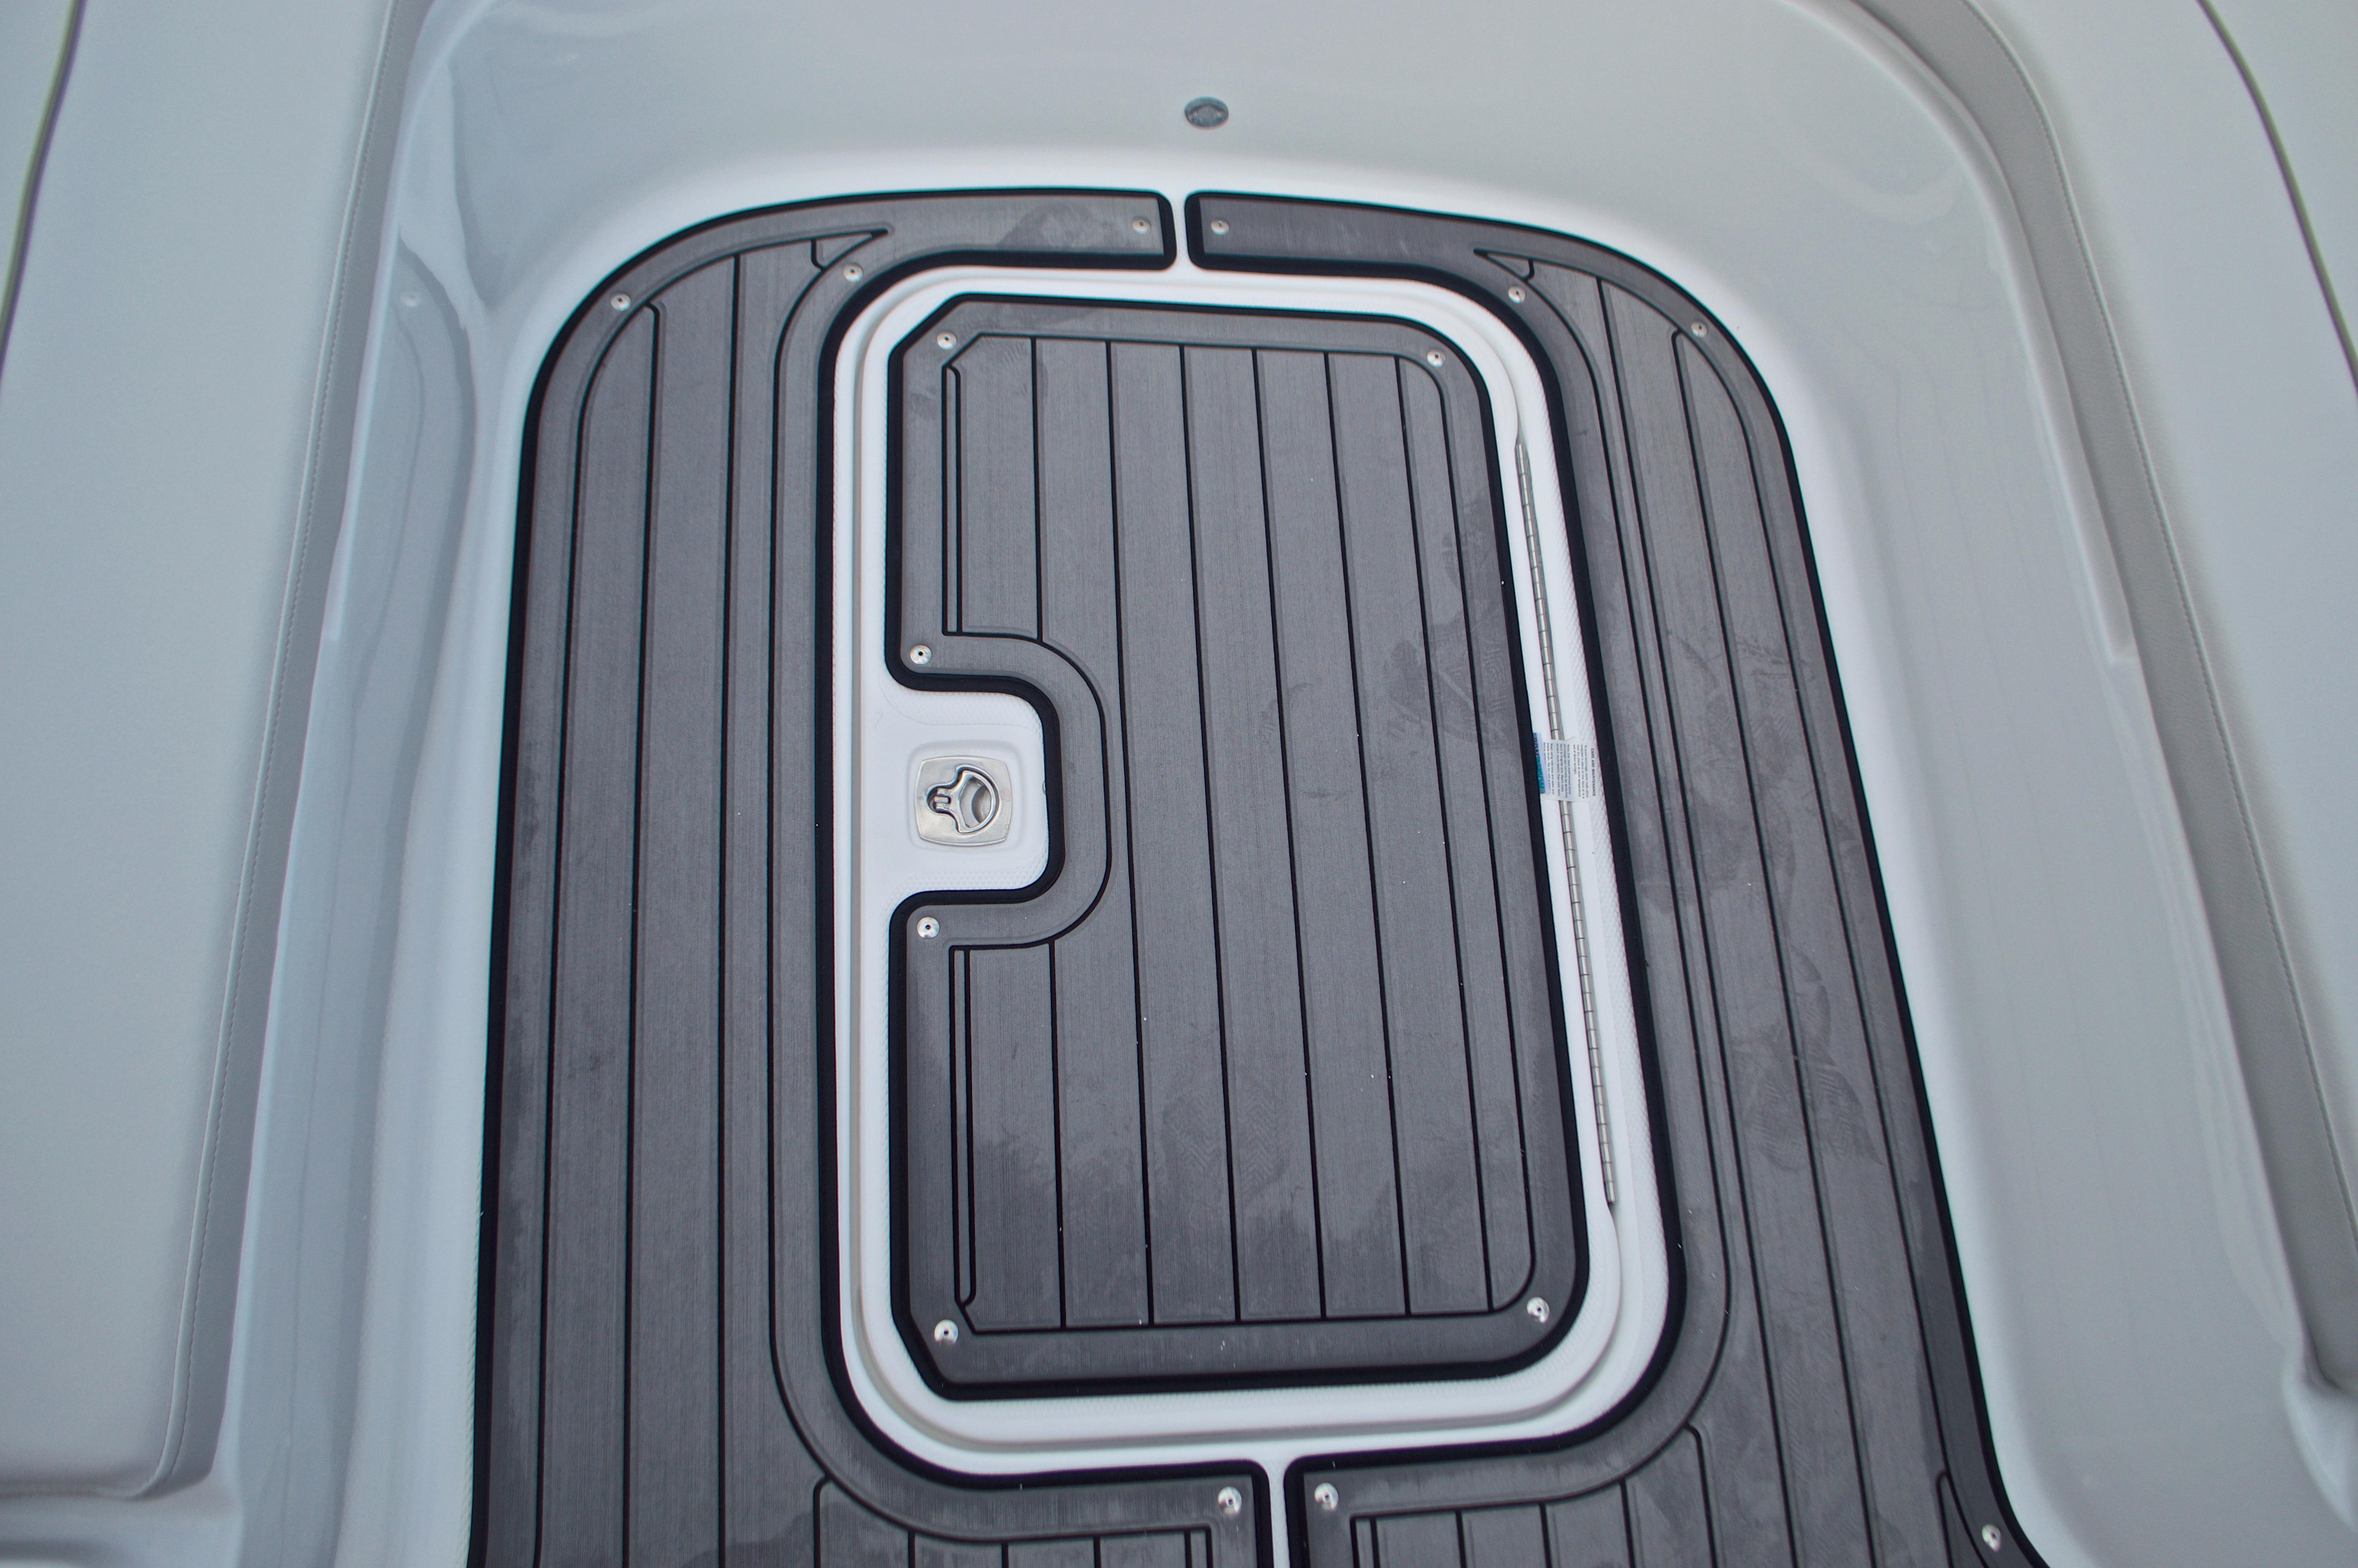 Thumbnail 48 for New 2017 Hurricane SunDeck Sport SS 211 OB boat for sale in Vero Beach, FL